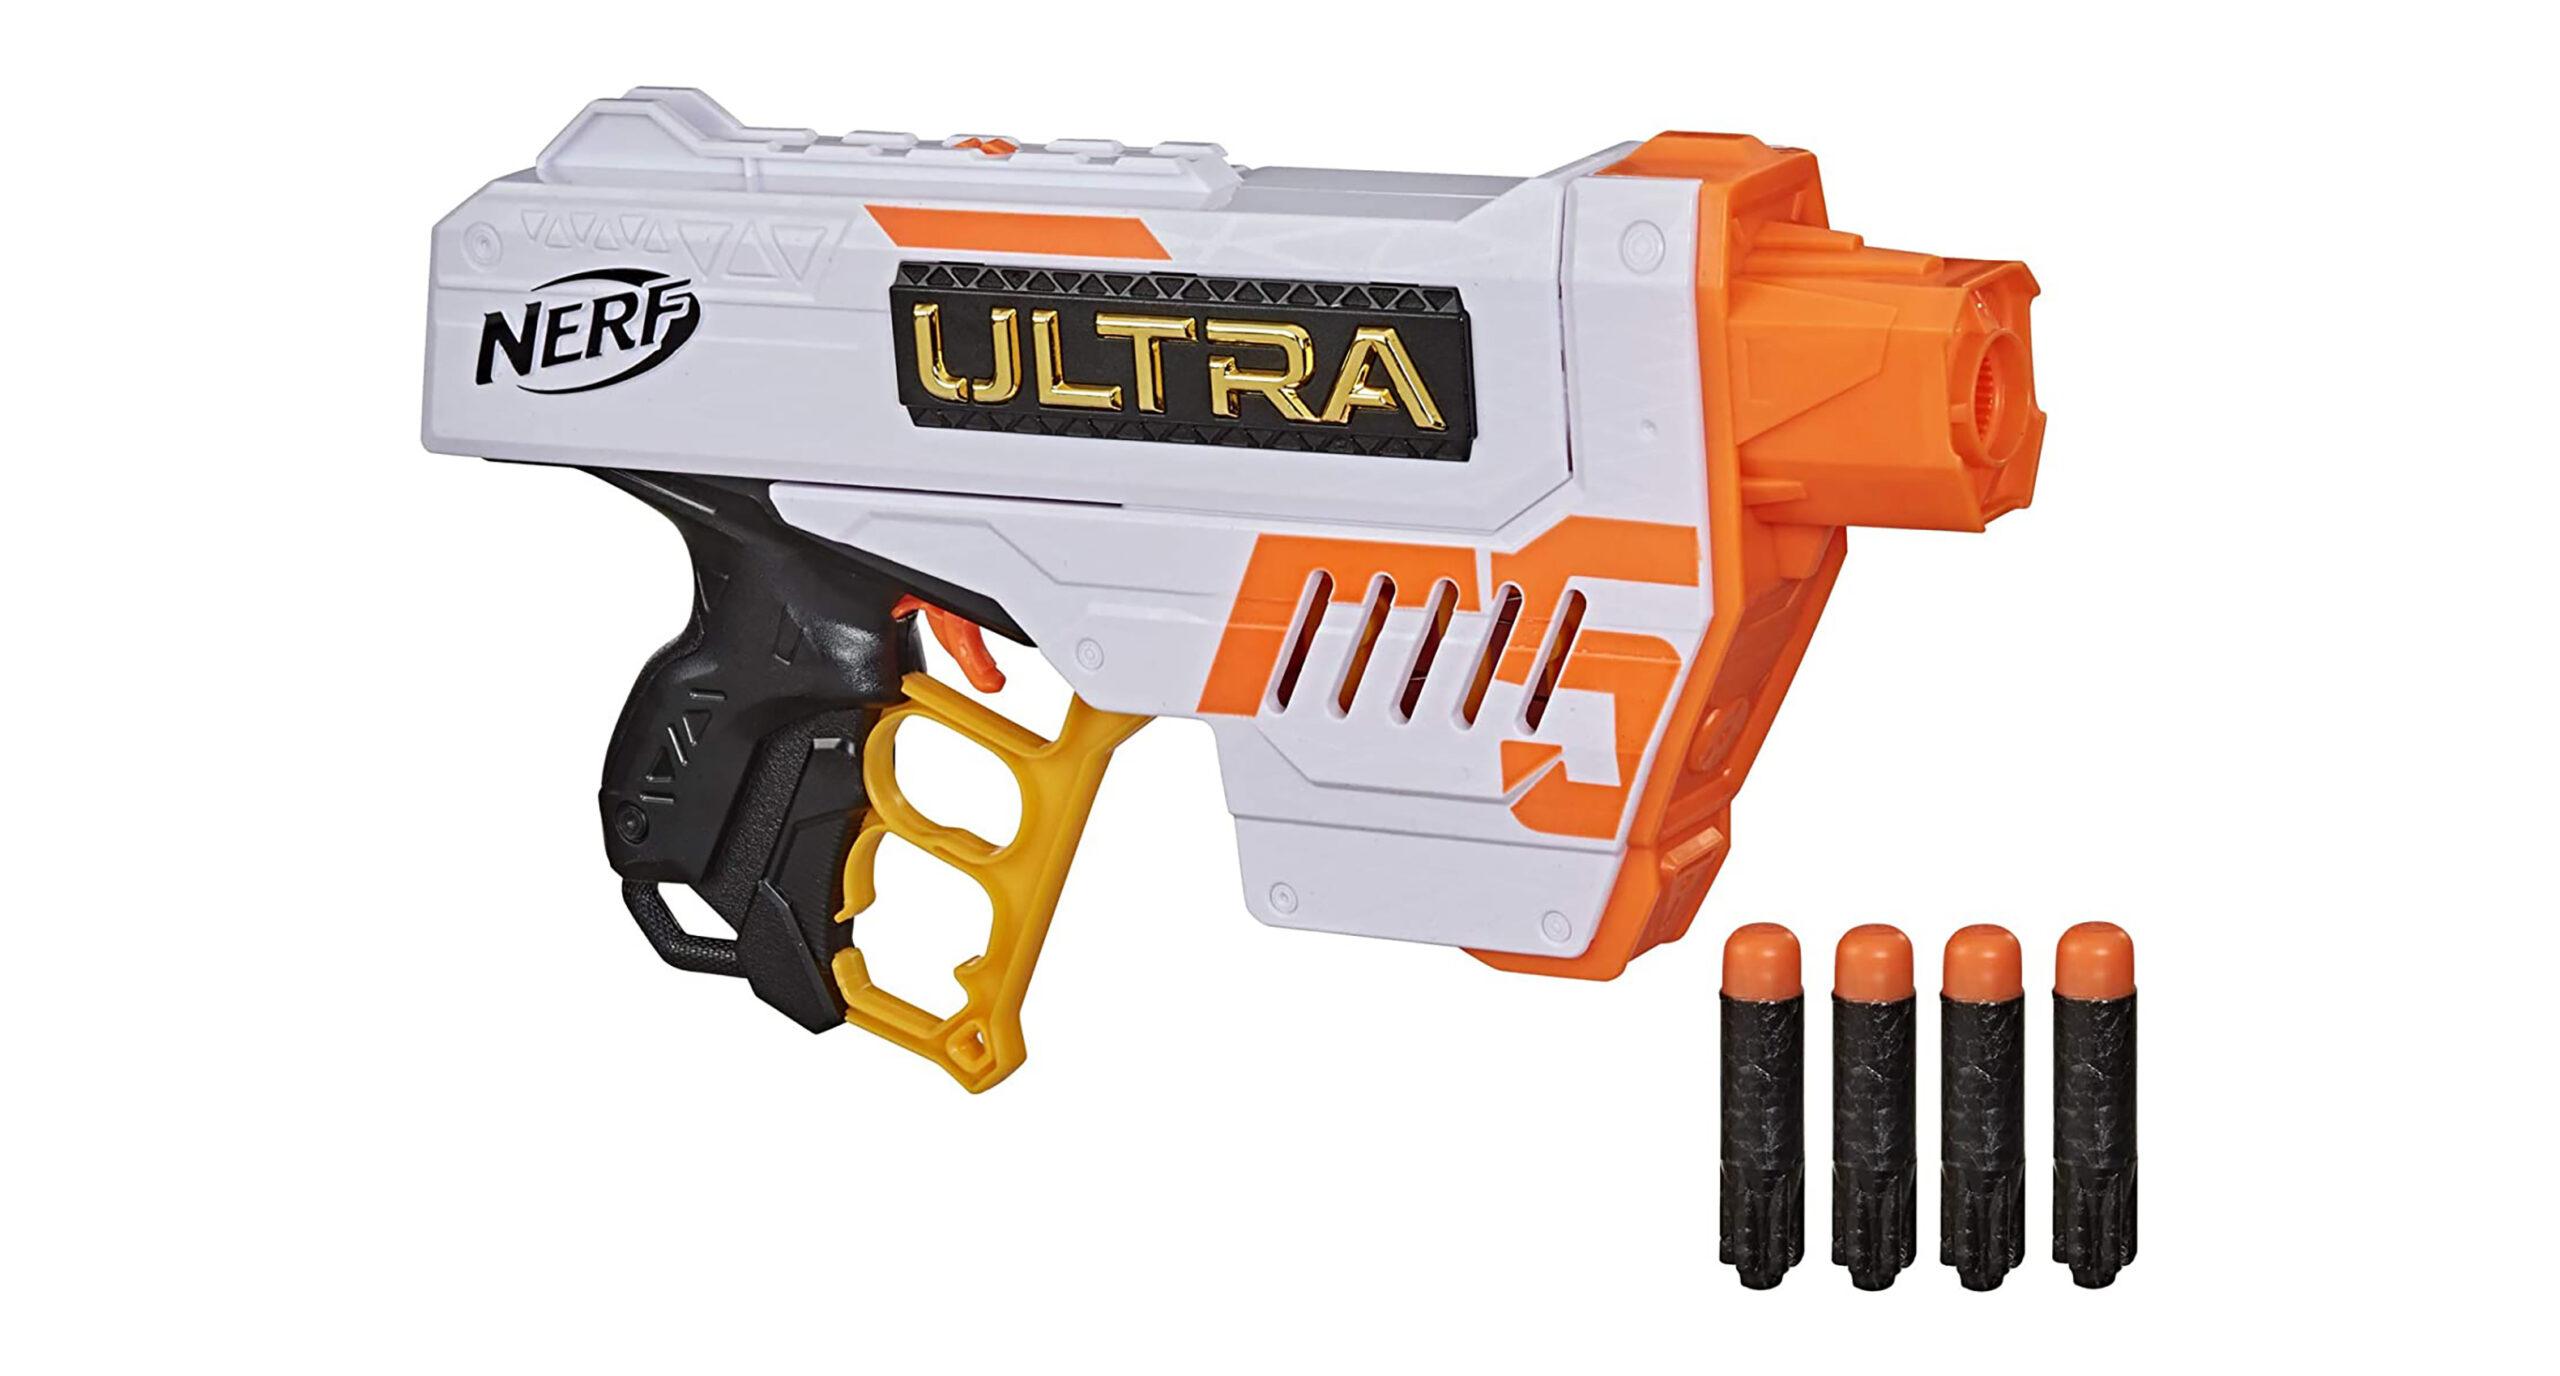 Nerf Ultra Blaster